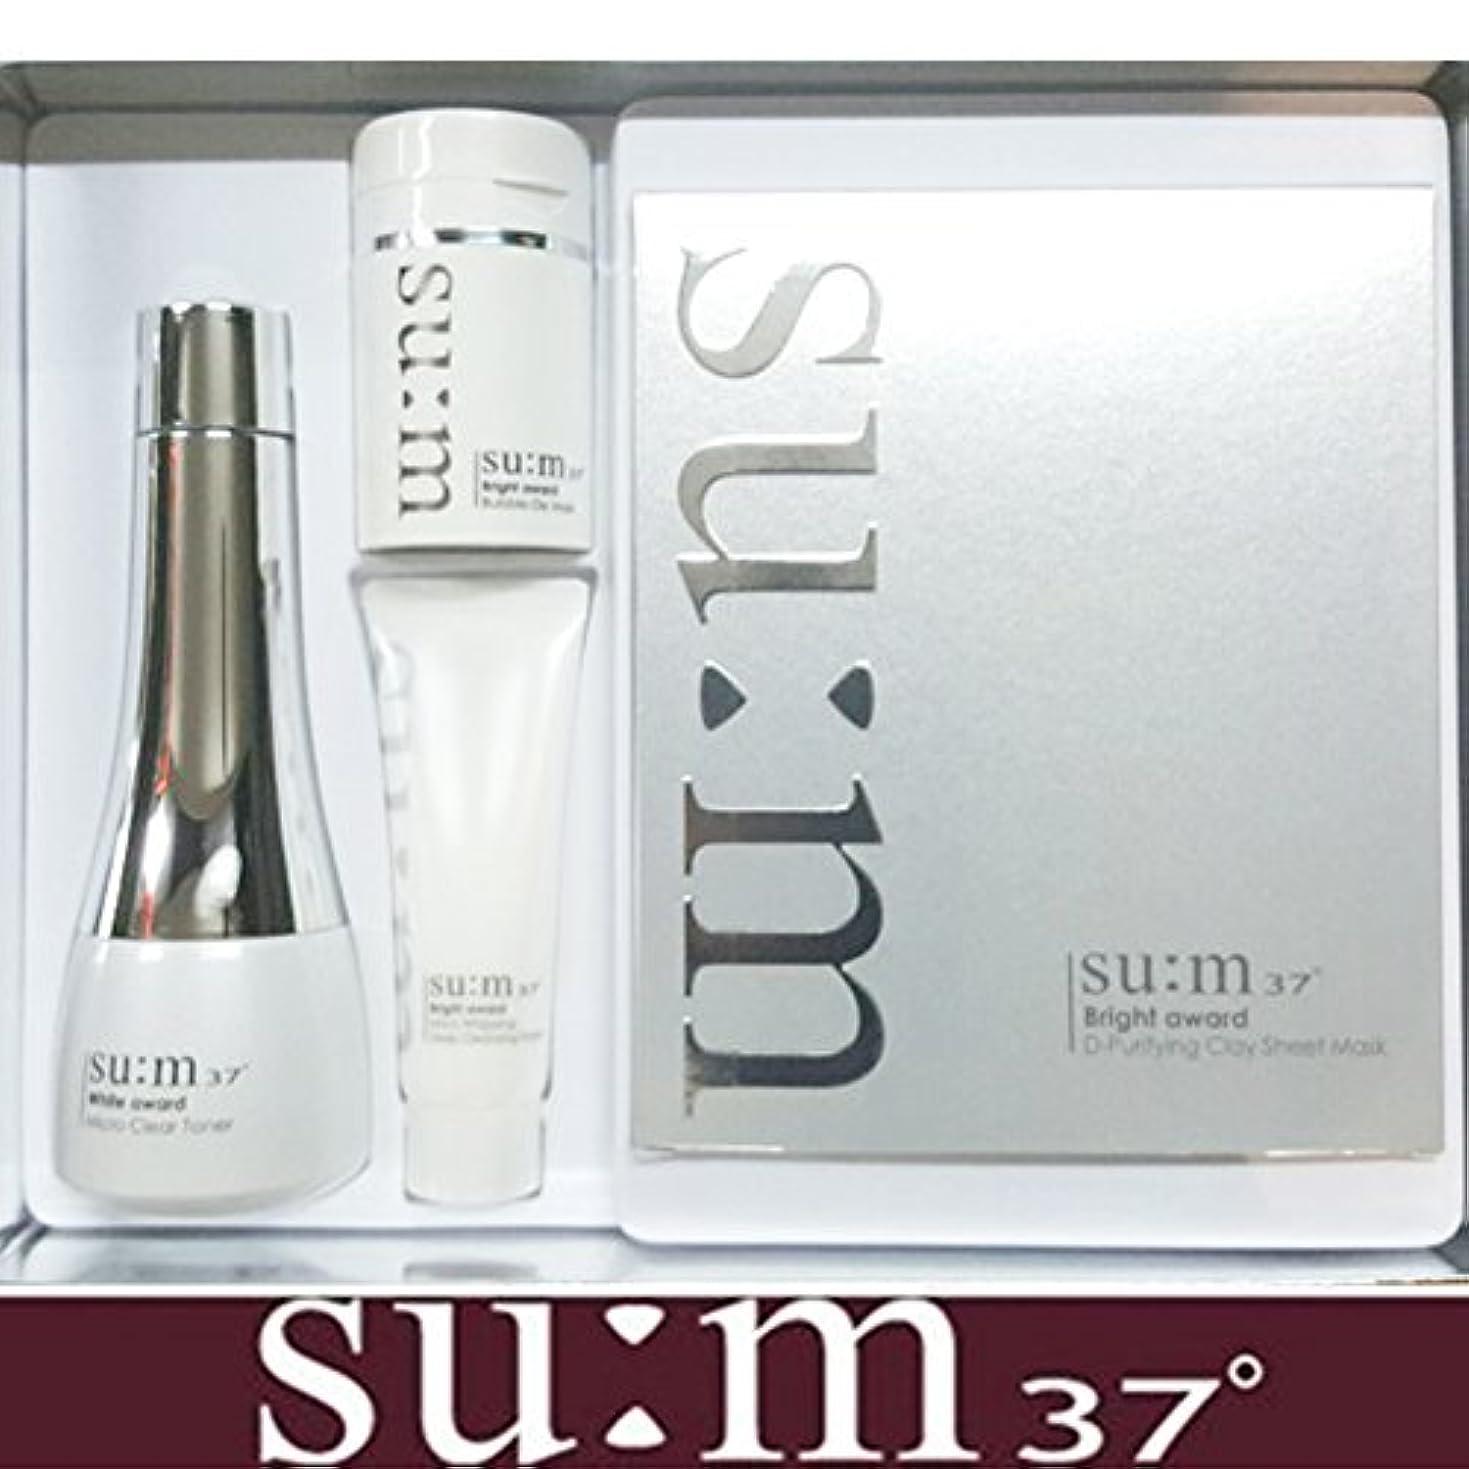 ゆりレーダー話す[su:m37/スム37°] SUM37 White Awards Di clearing Skin Special Set/ホワイト アワード ディ クリアリン トナー スペシャル 特別セット +[Sample Gift...